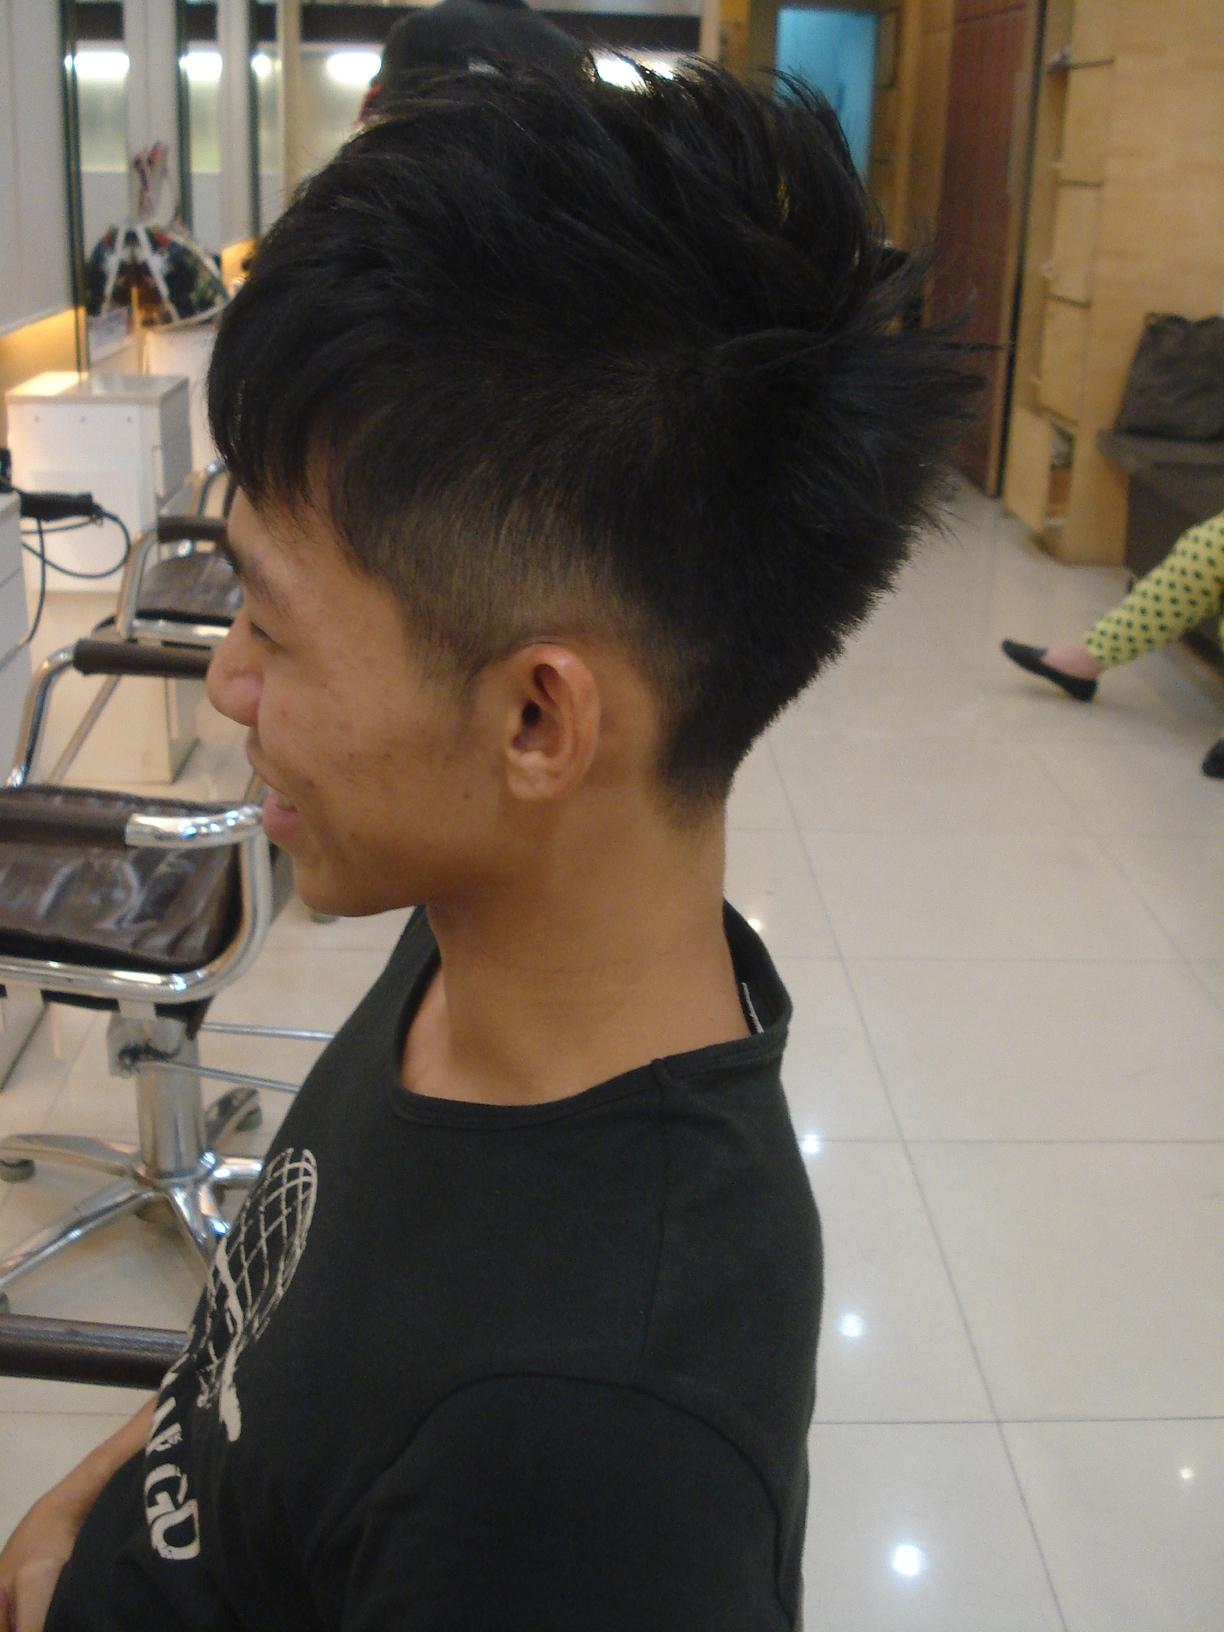 男士发型大全_男士发型大全质量比较好 网上专卖